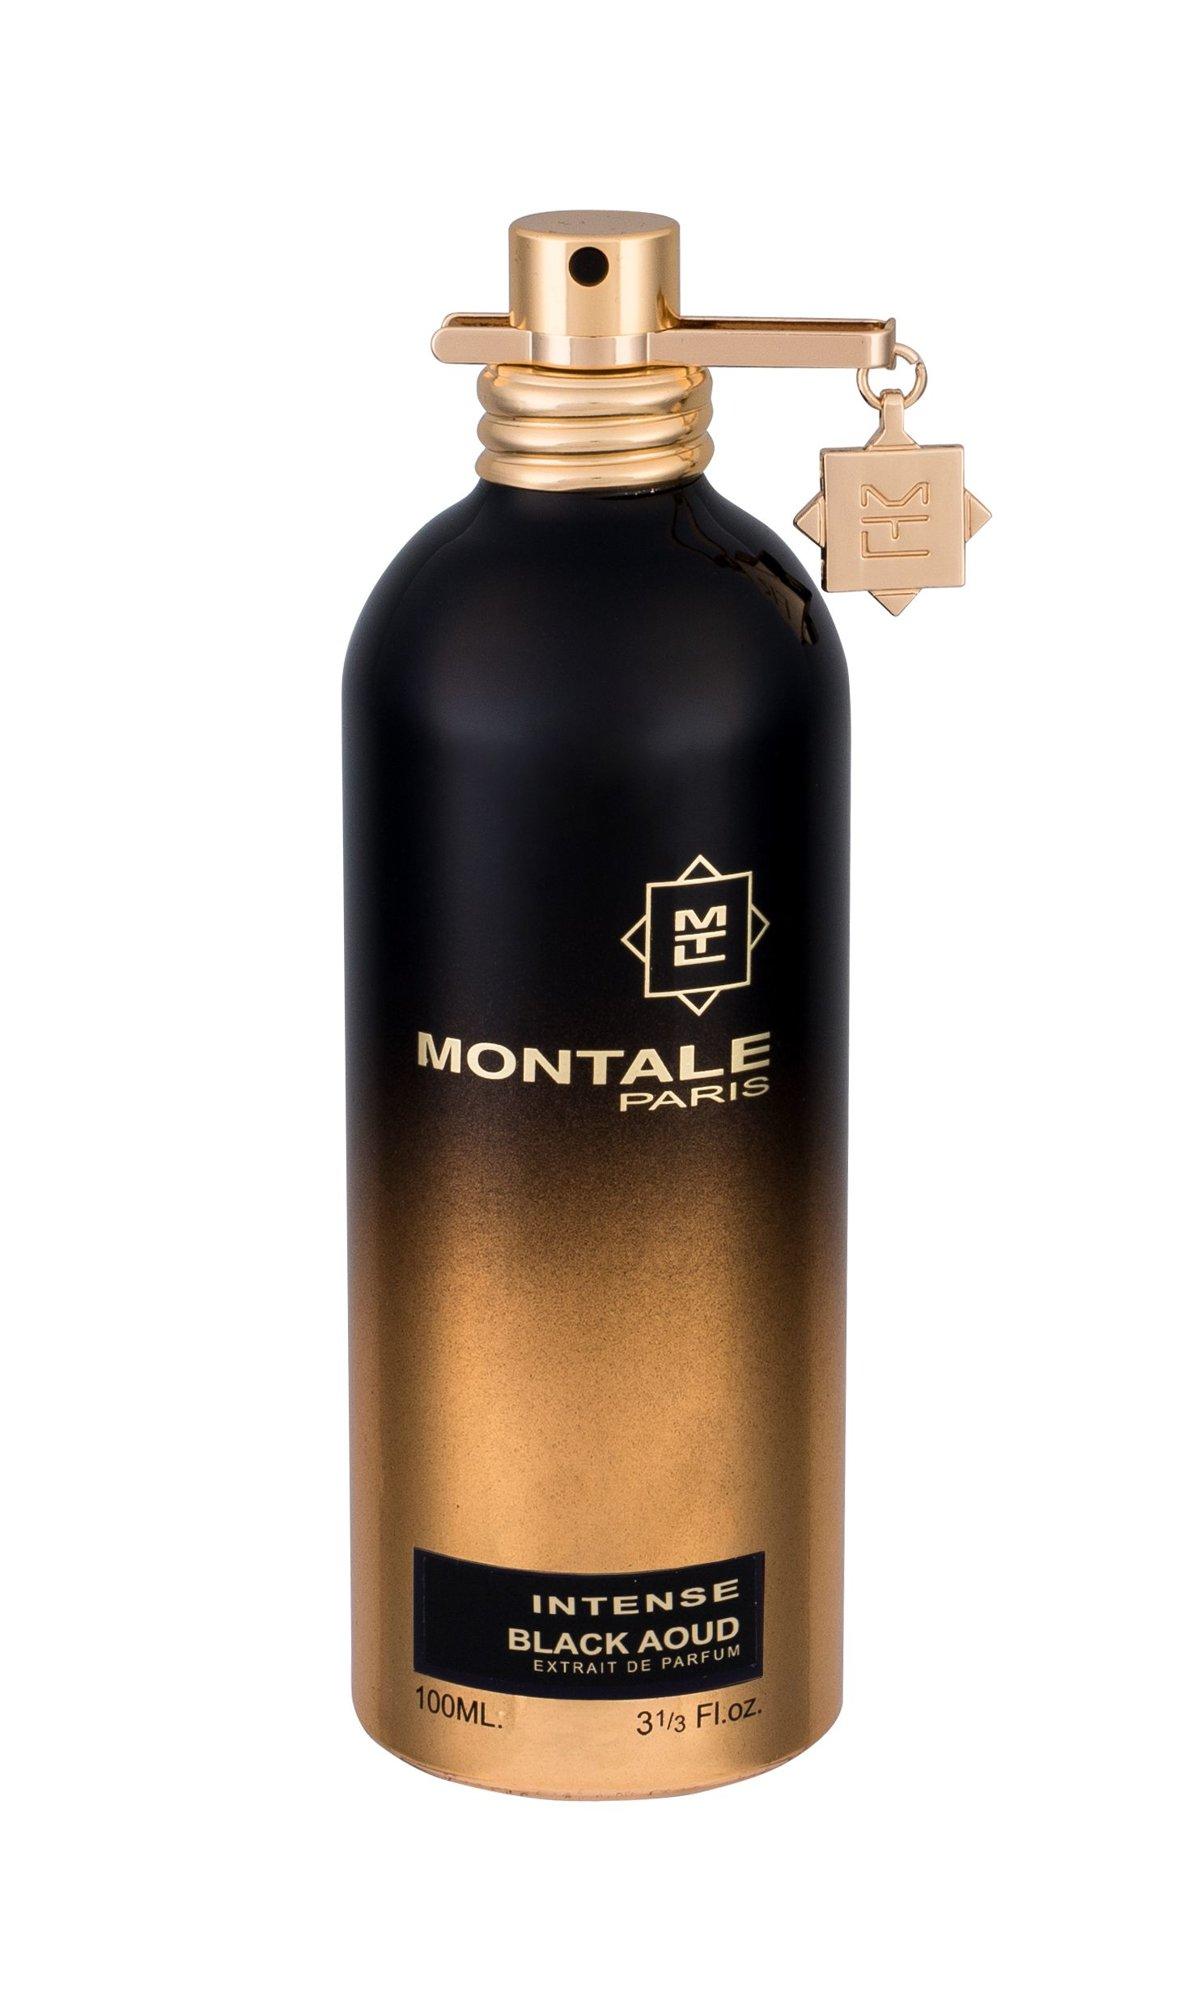 Montale Paris Intense Eau de Parfum 100ml  Black Aoud